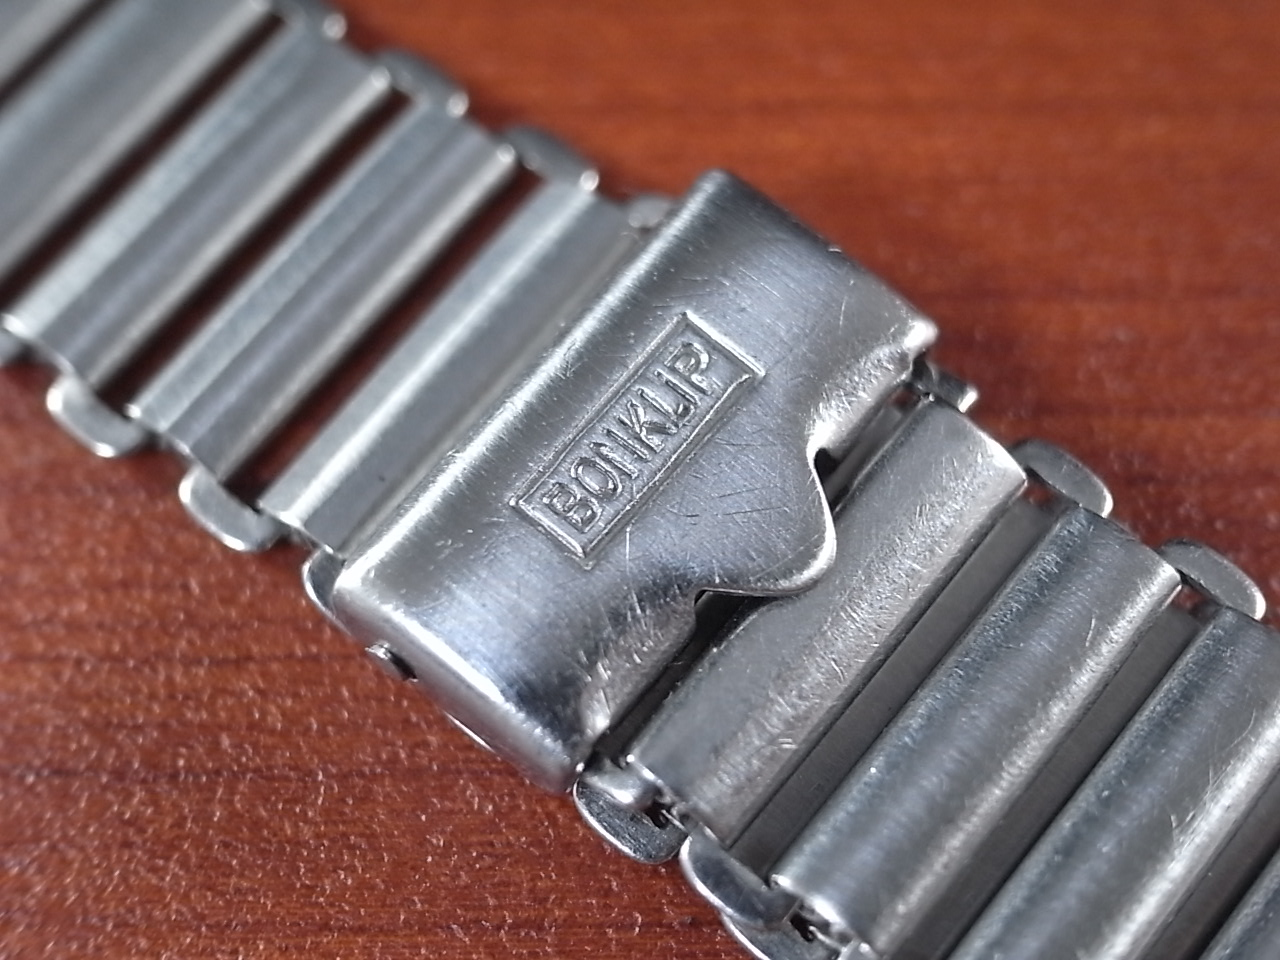 ボンクリップ バンブーブレス SS ブロック体ロゴ 13mmタイプ 16mm BONKLIPの写真2枚目